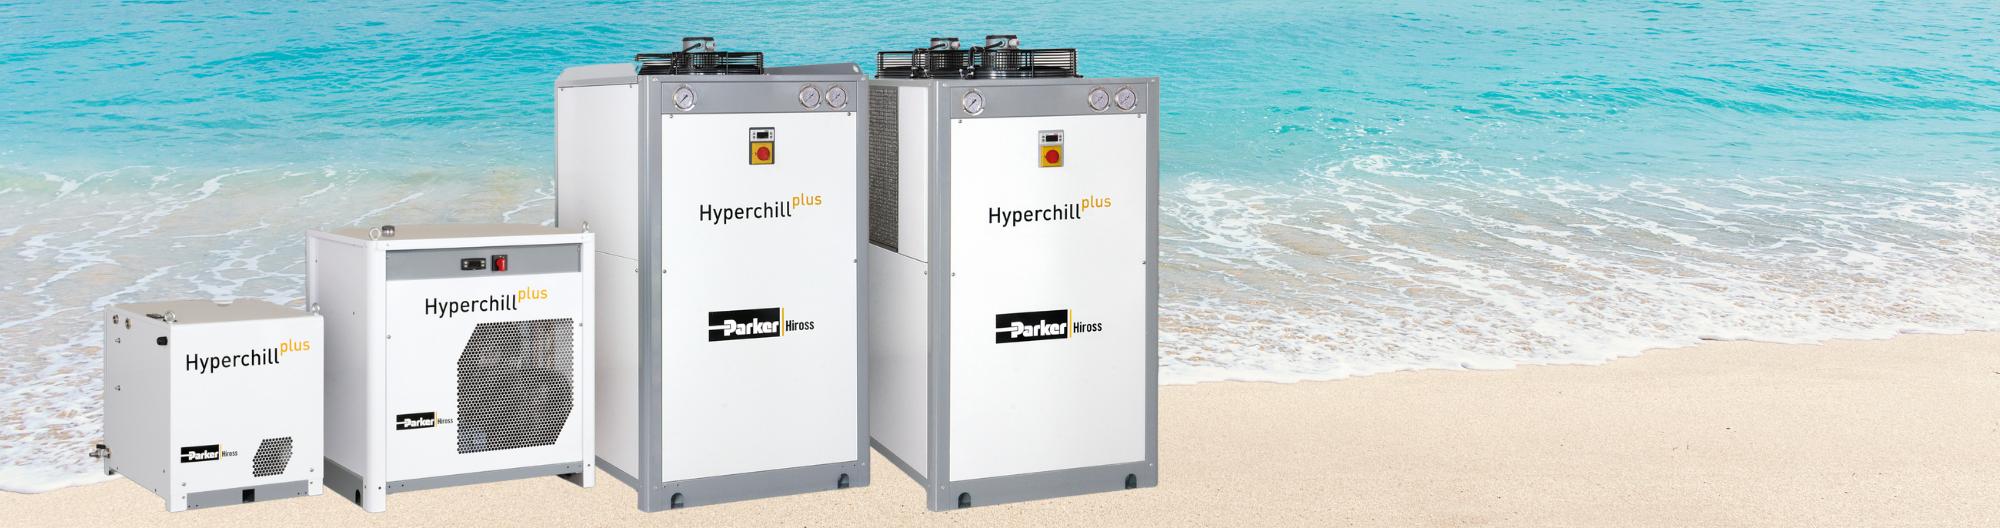 Parker hyperchill chillers - summer checklist